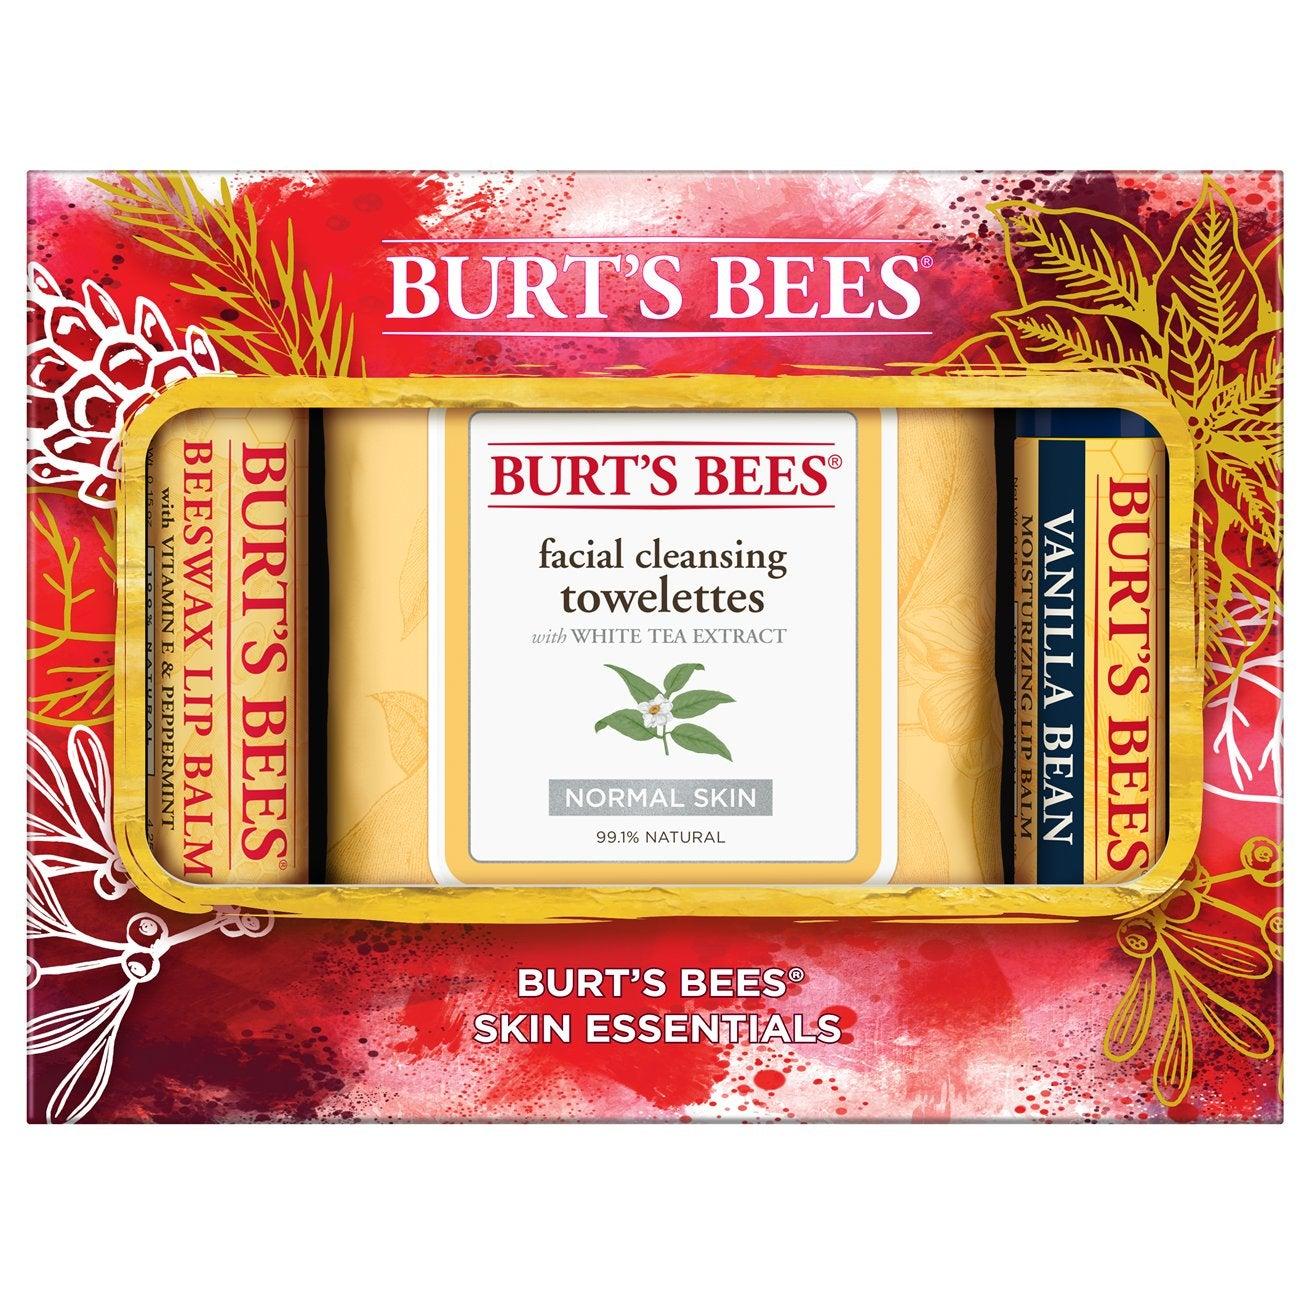 Burt's Bees Skin Essentials